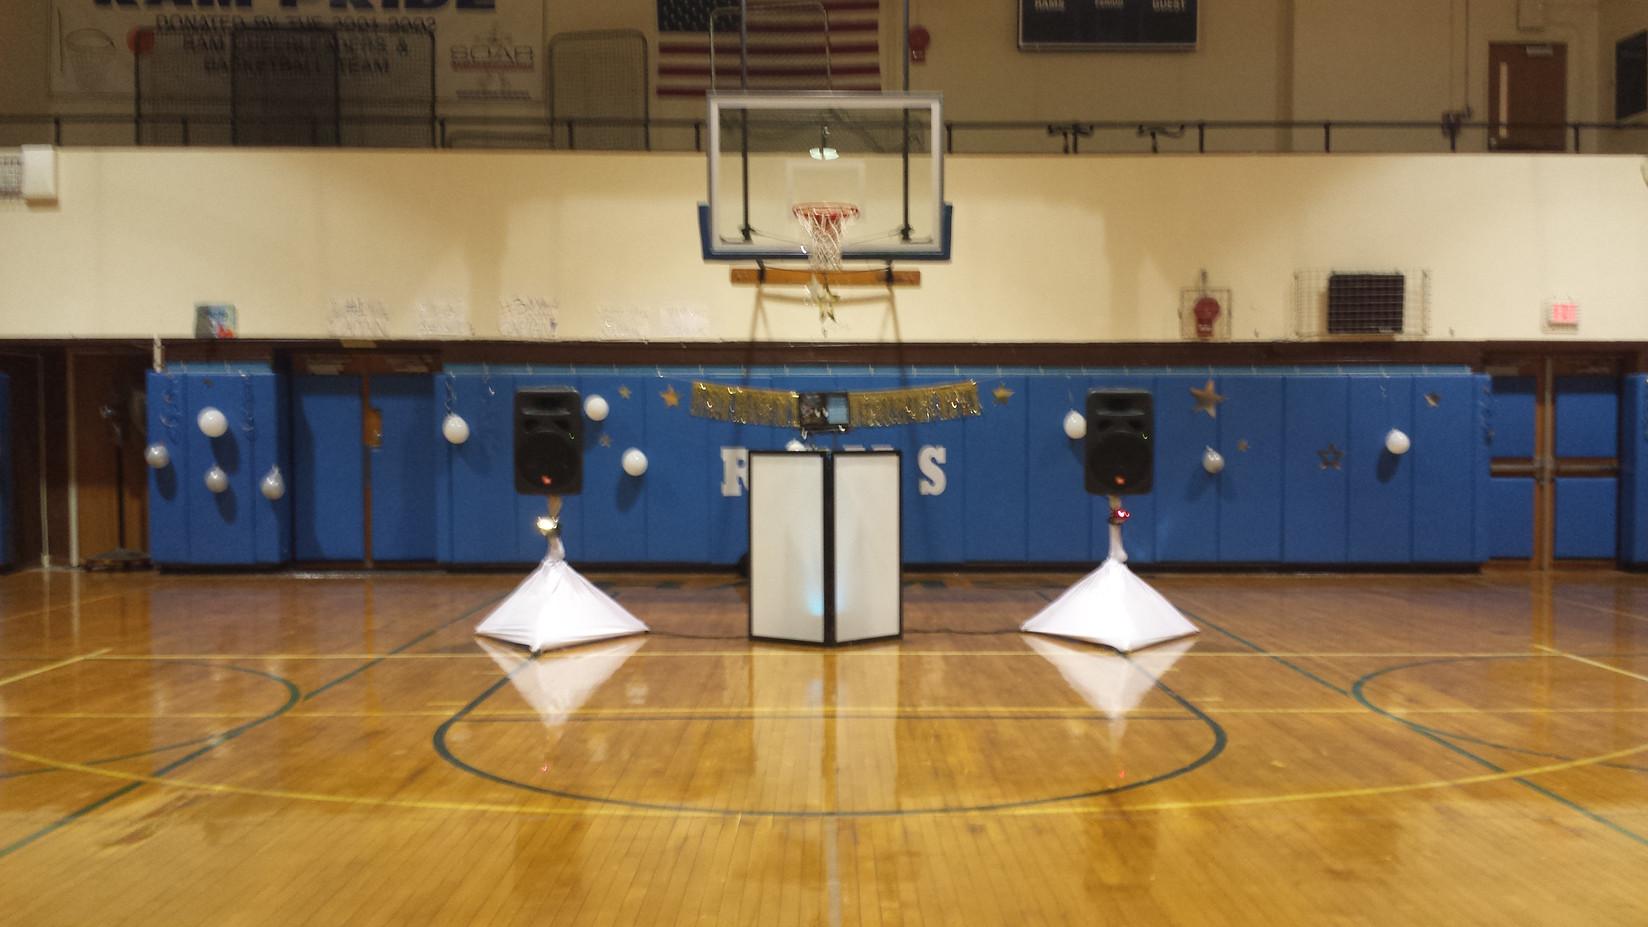 MME-Lighting-And-Speaker-At-BAsketball-Court.jpg